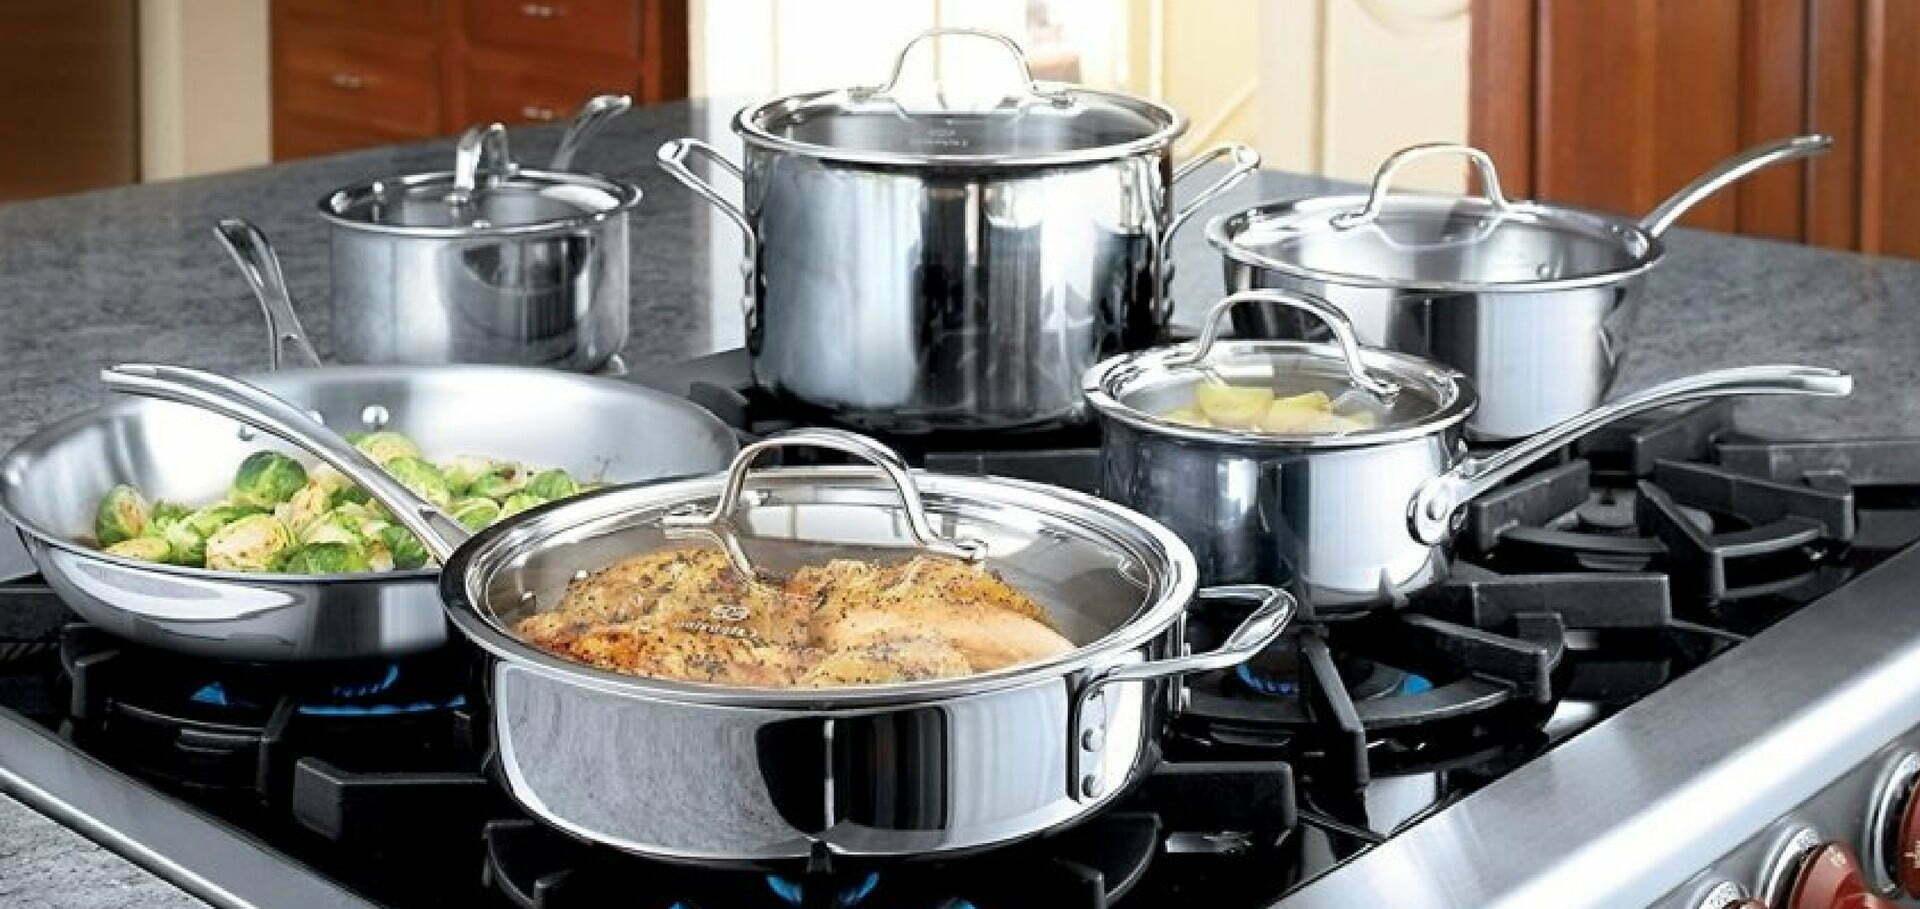 Особенности хранения пищи в нержавеющей кастрюле